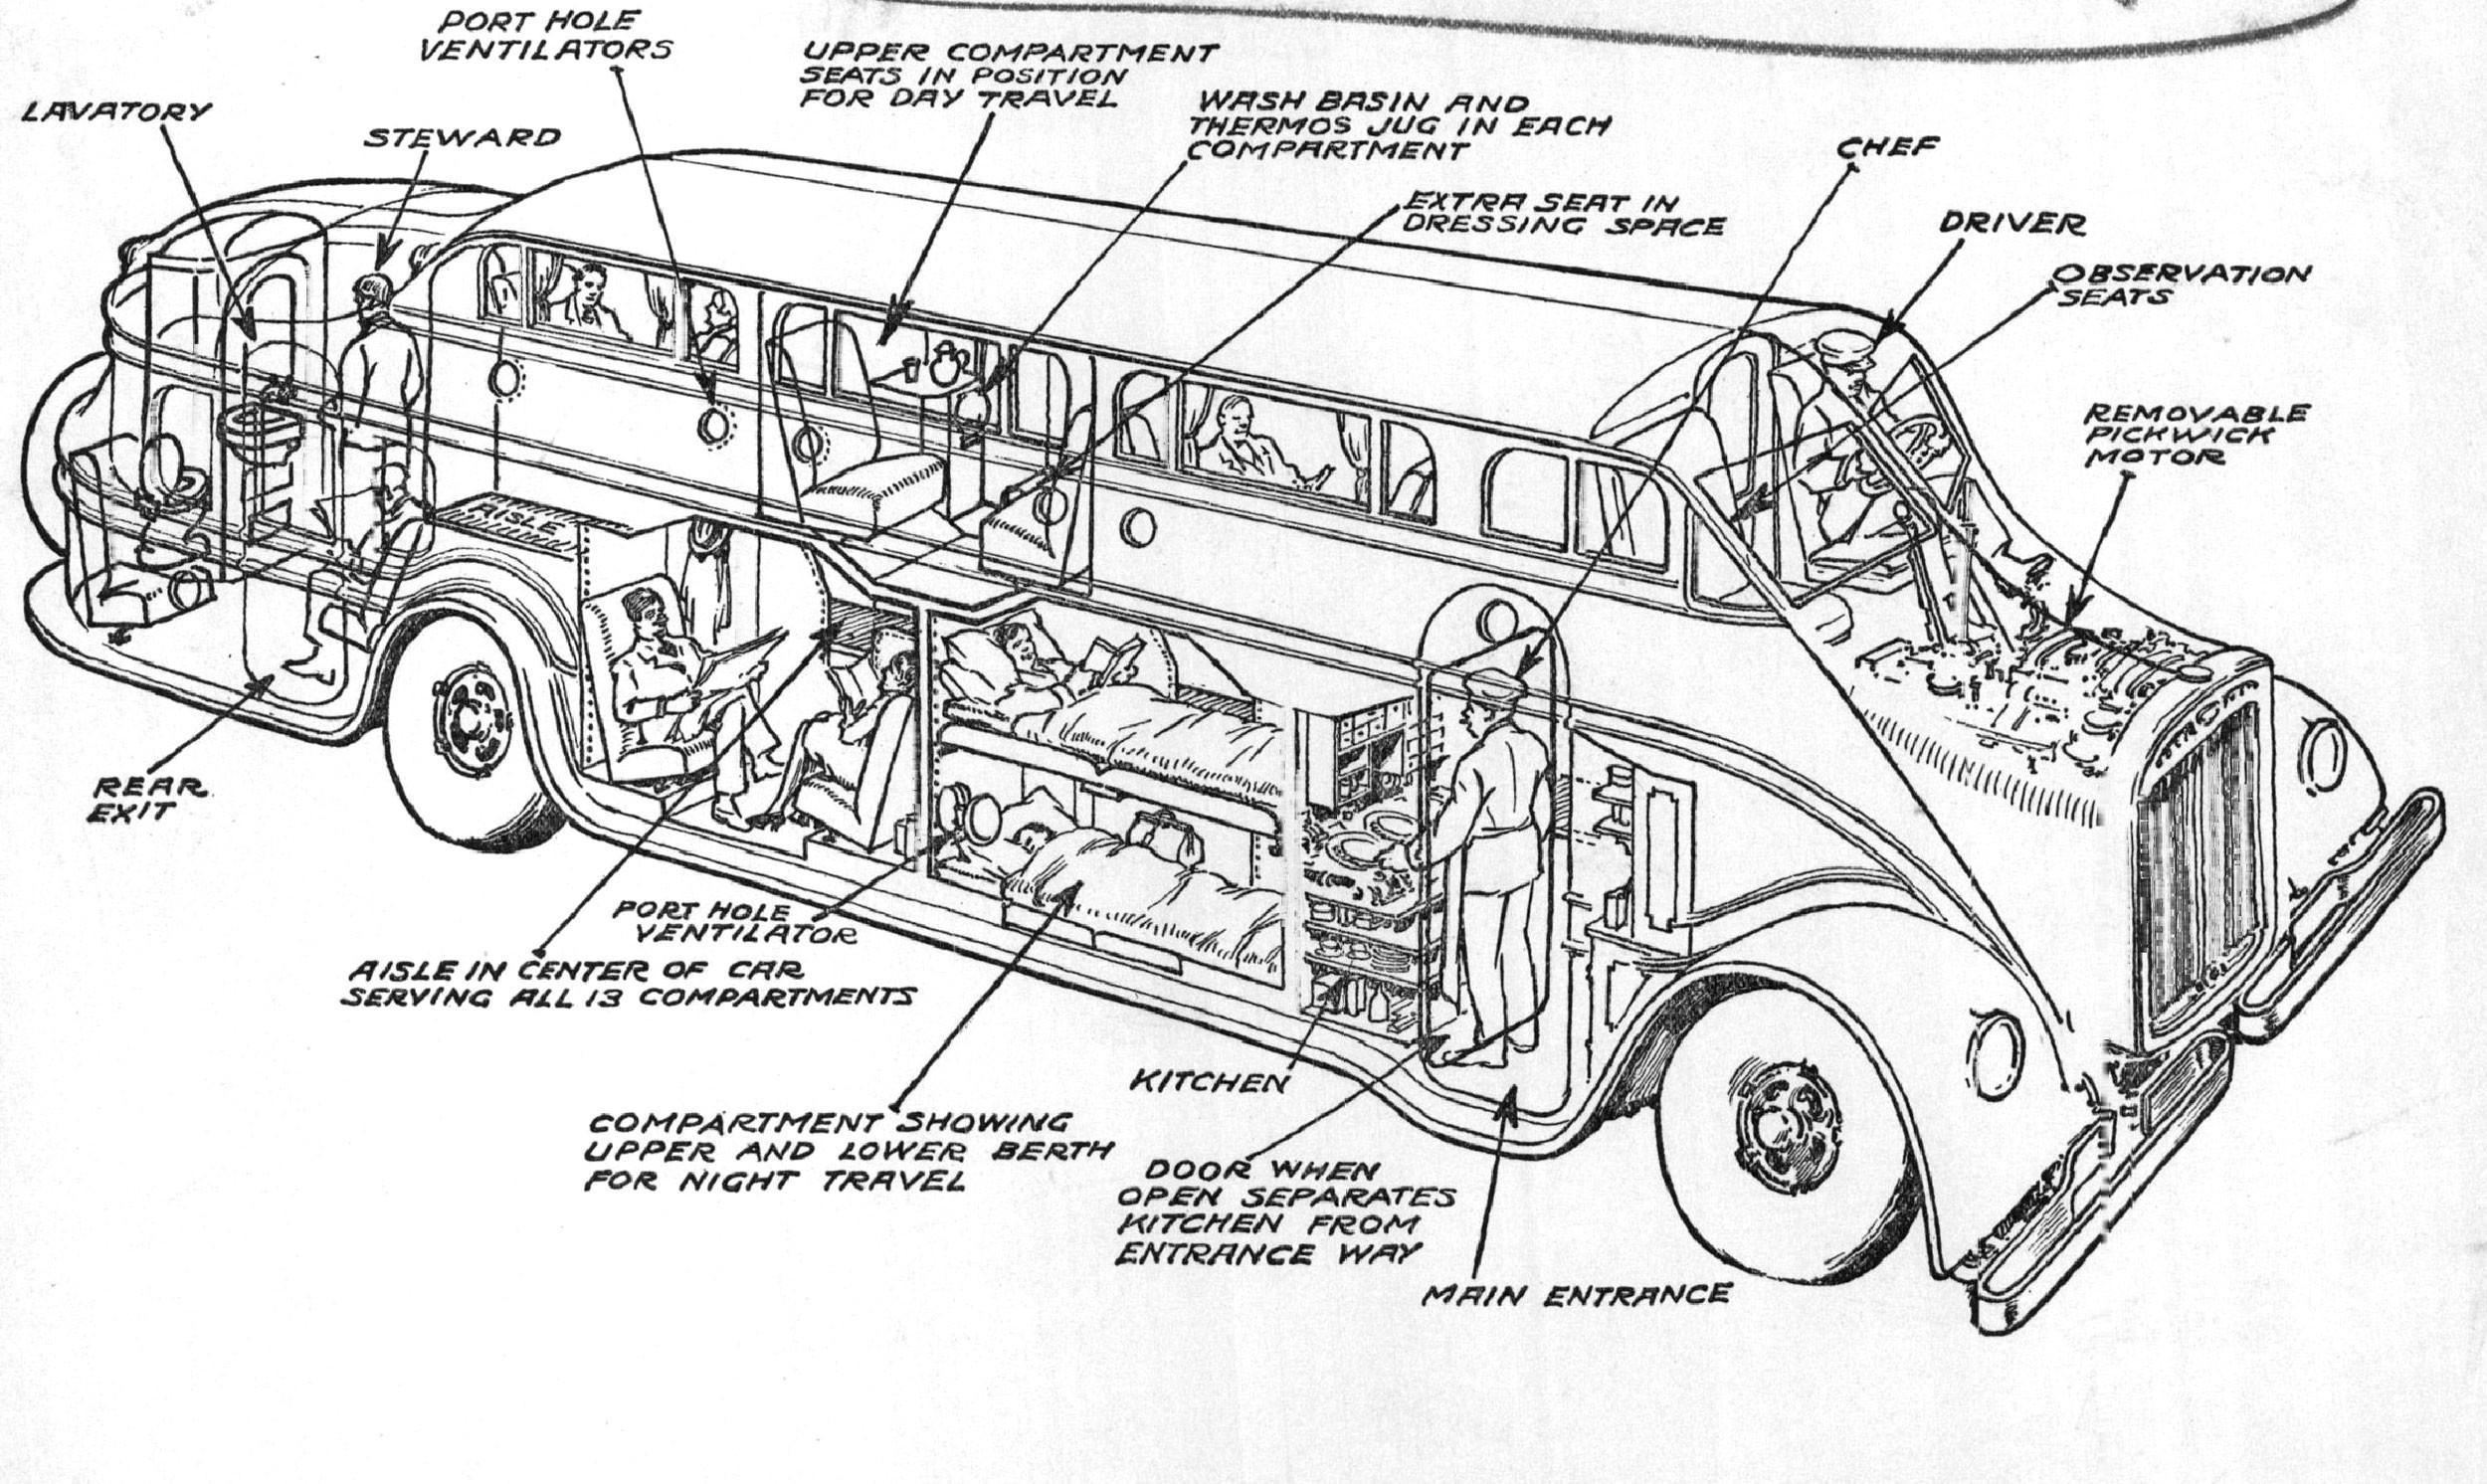 Car Parts Diagram Under Hood Car Diagram Fantastic Car Part Diagrams Image Ideas Car Part Of Car Parts Diagram Under Hood